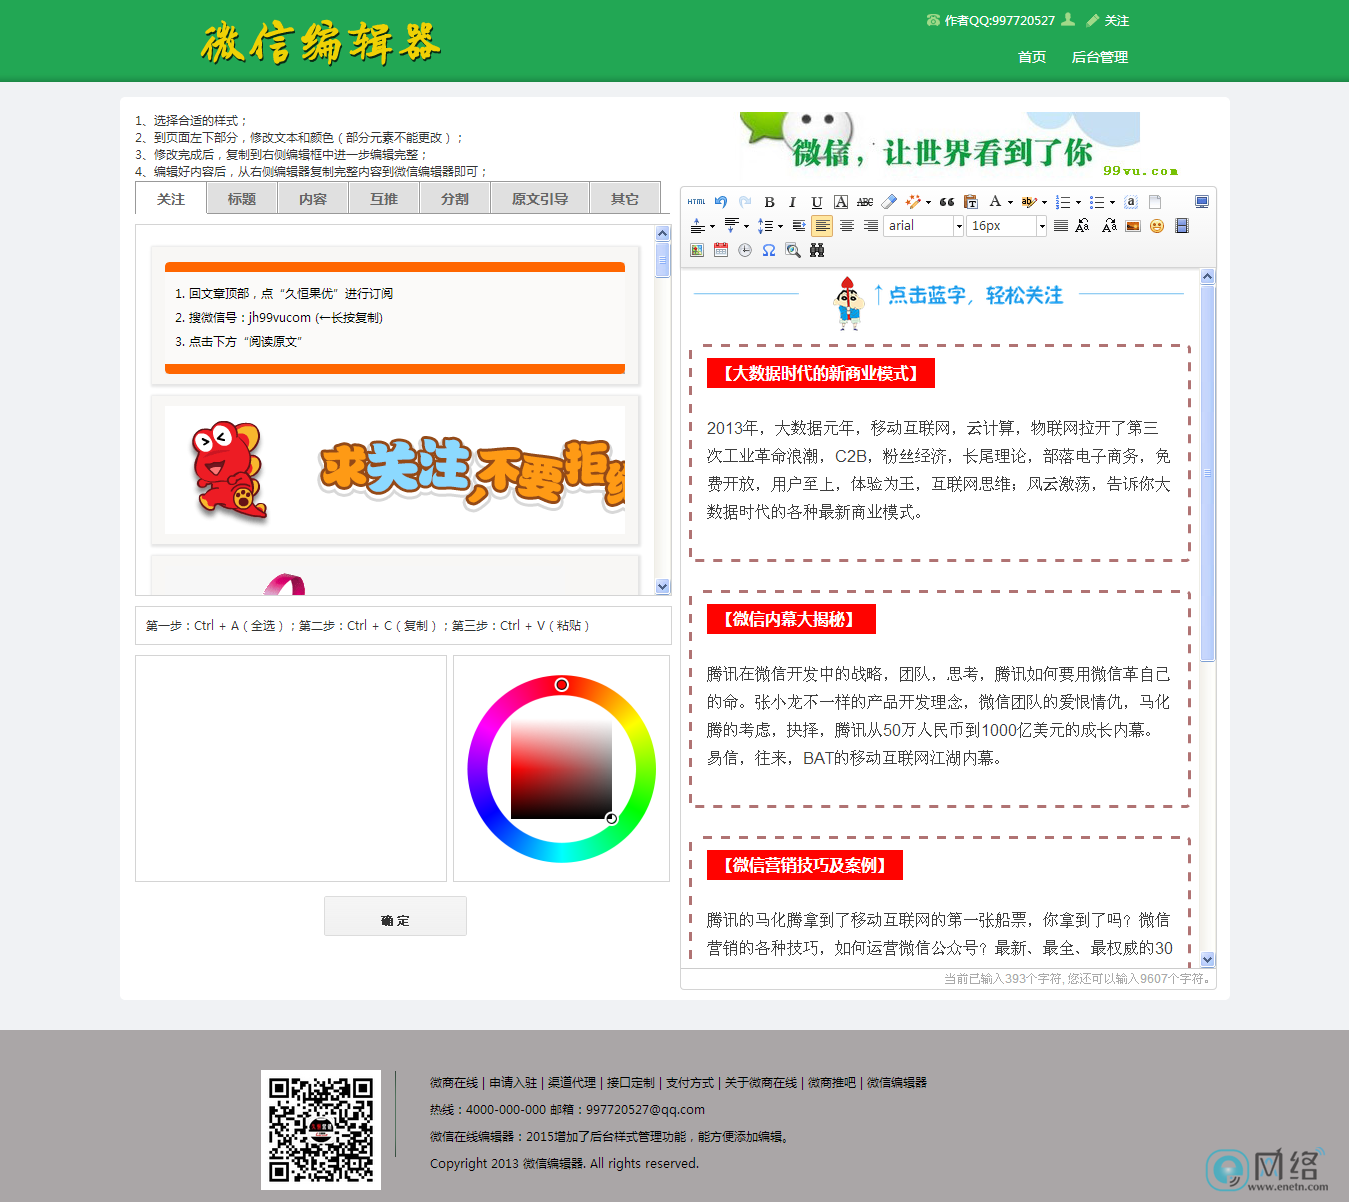 2015微信编辑器源码 微信公众平台图文编辑器源码 微信图文工具